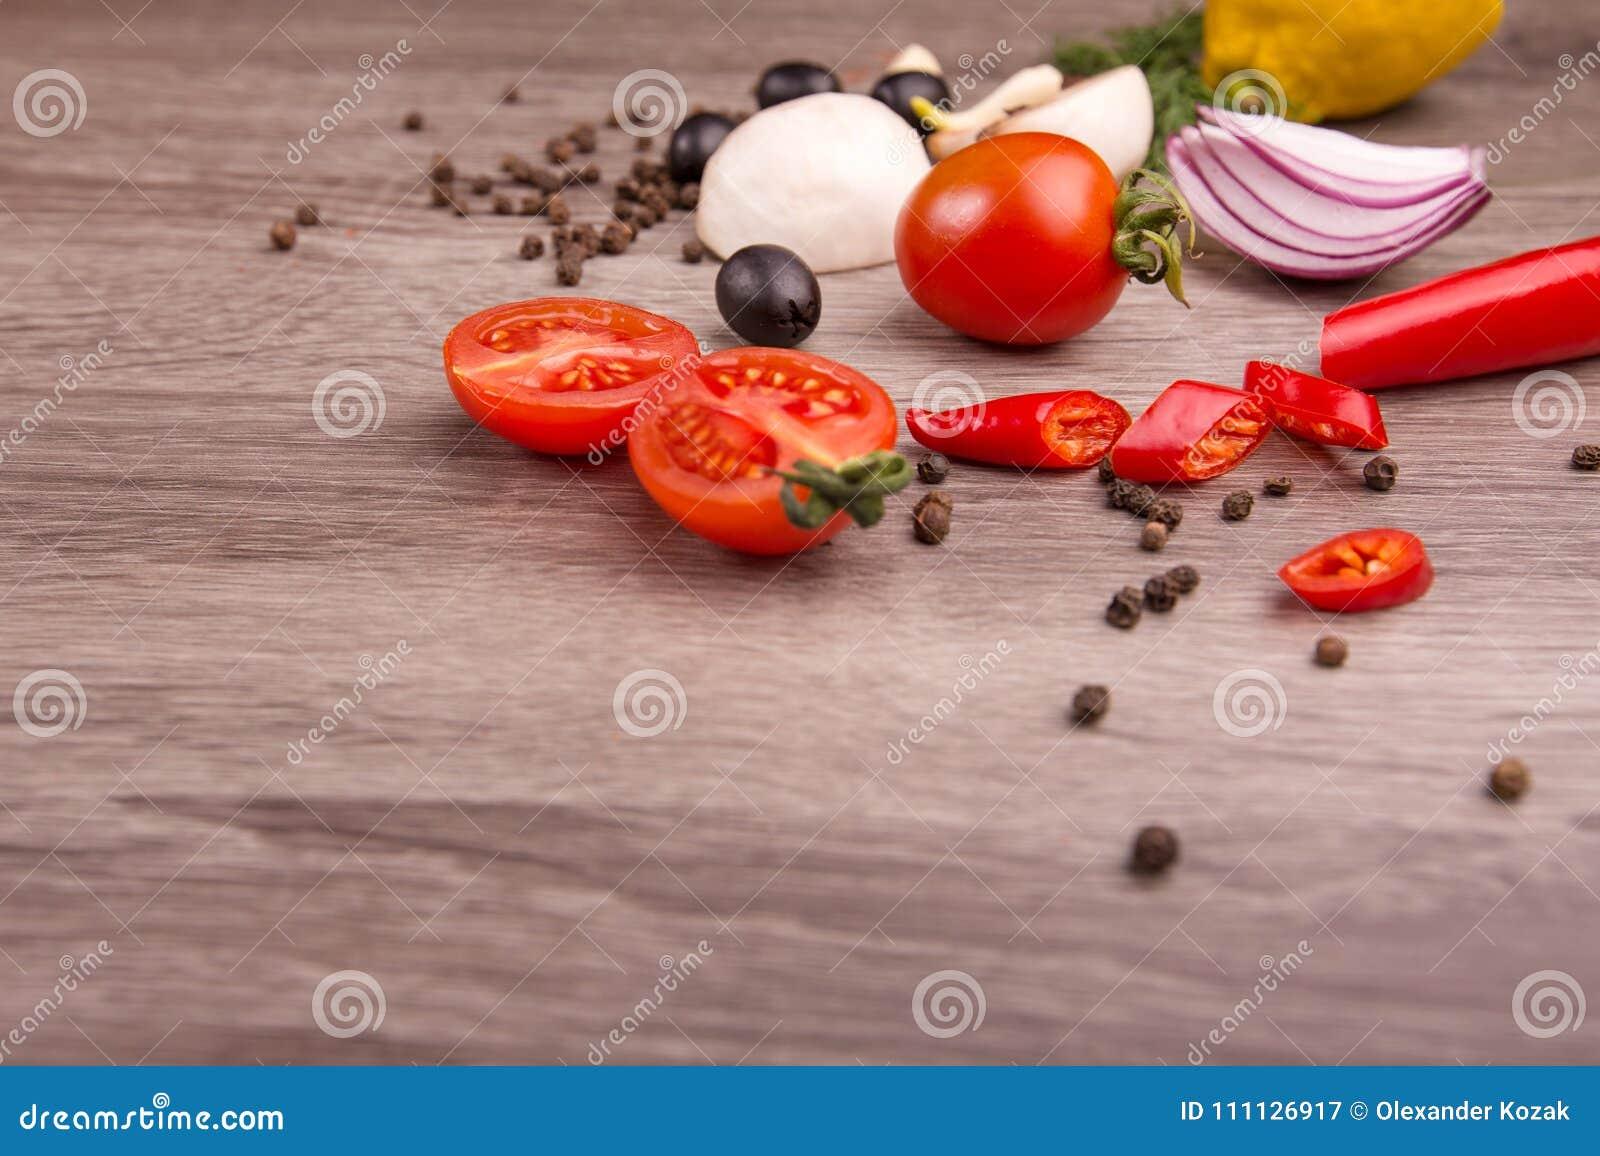 Gezonde voedselachtergrond/studiofoto van verschillende vruchten en groenten op houten lijst